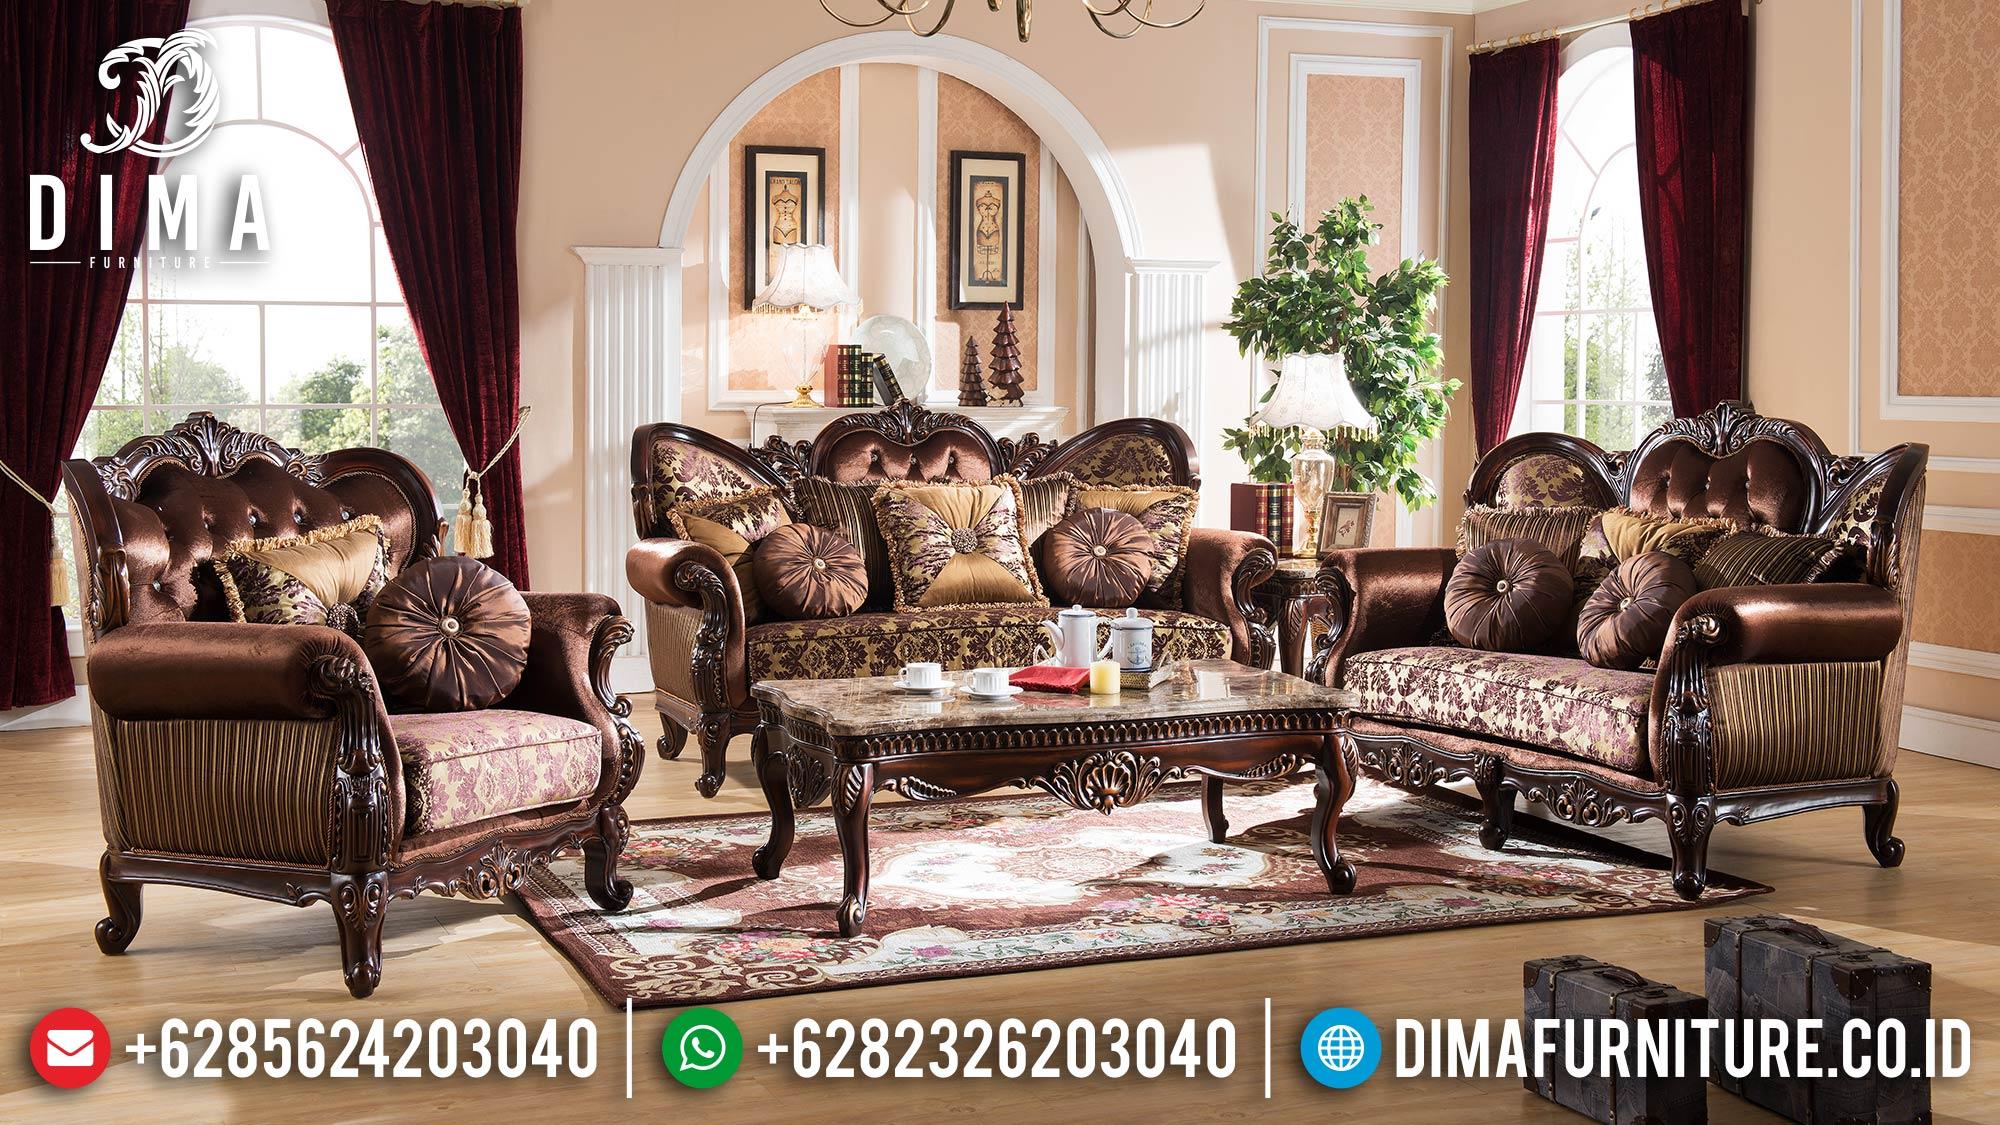 Kursi Sofa Tamu Jepara Jati Ukiran Klasik Mewah Berkualitas DF-0520